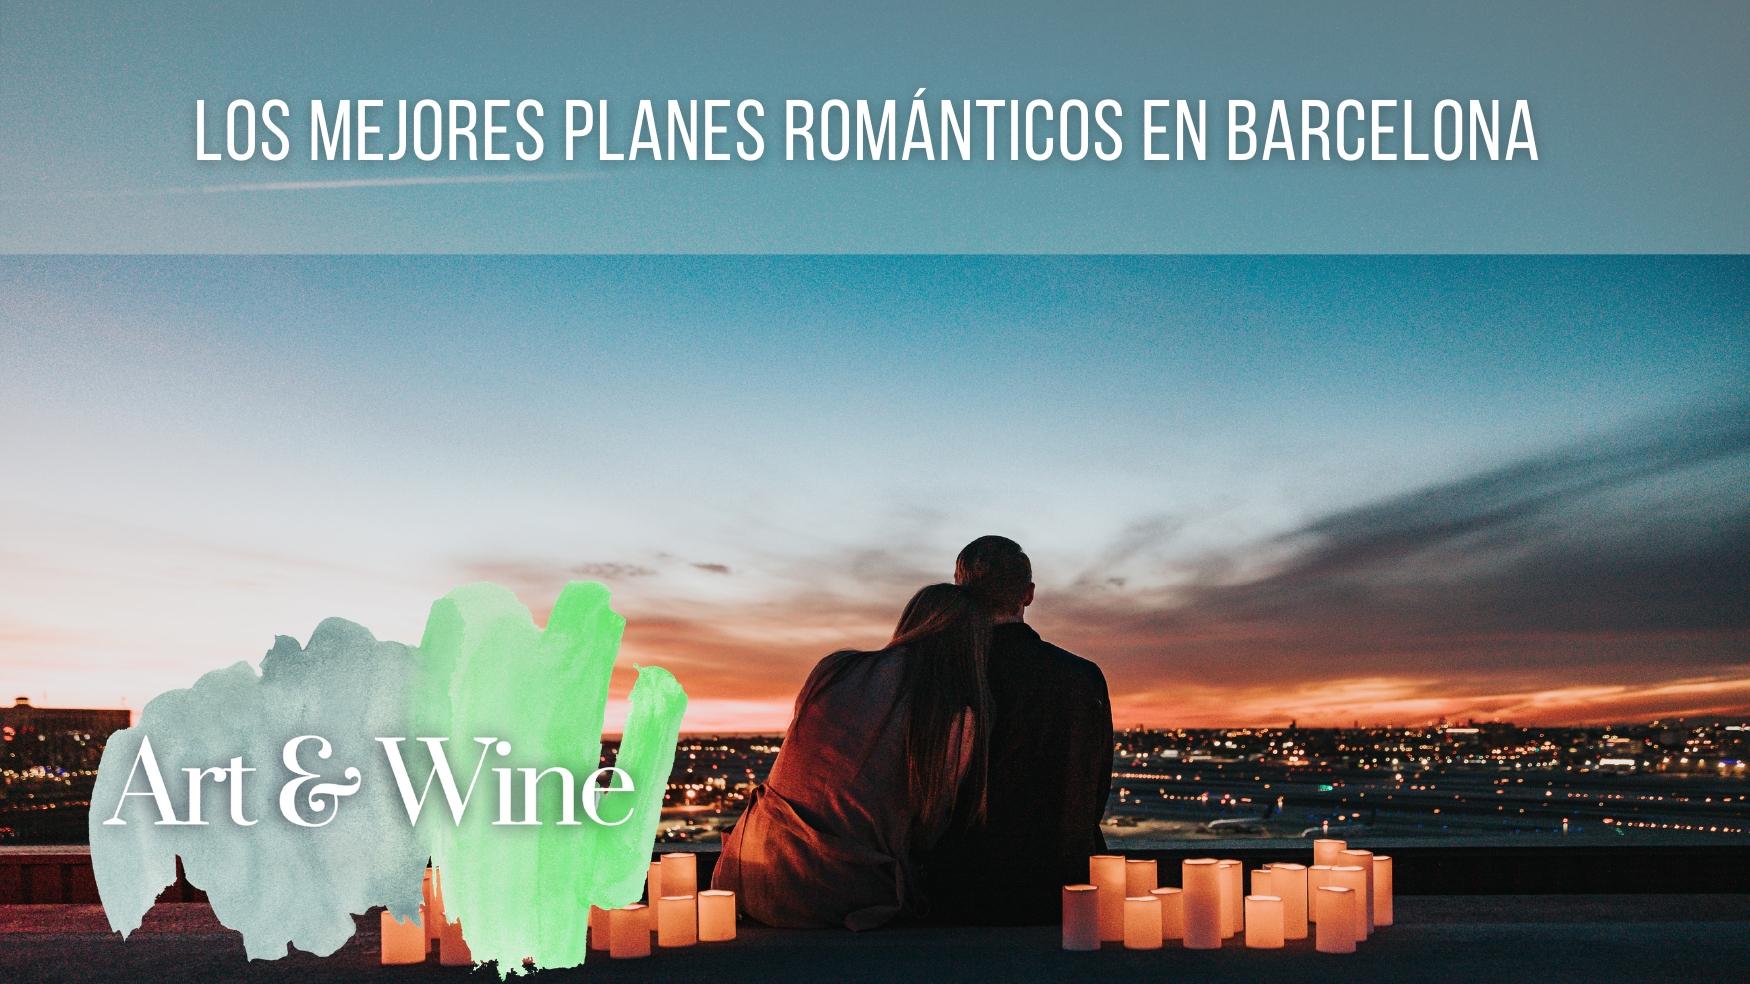 Los mejores planes románticos en Barcelona